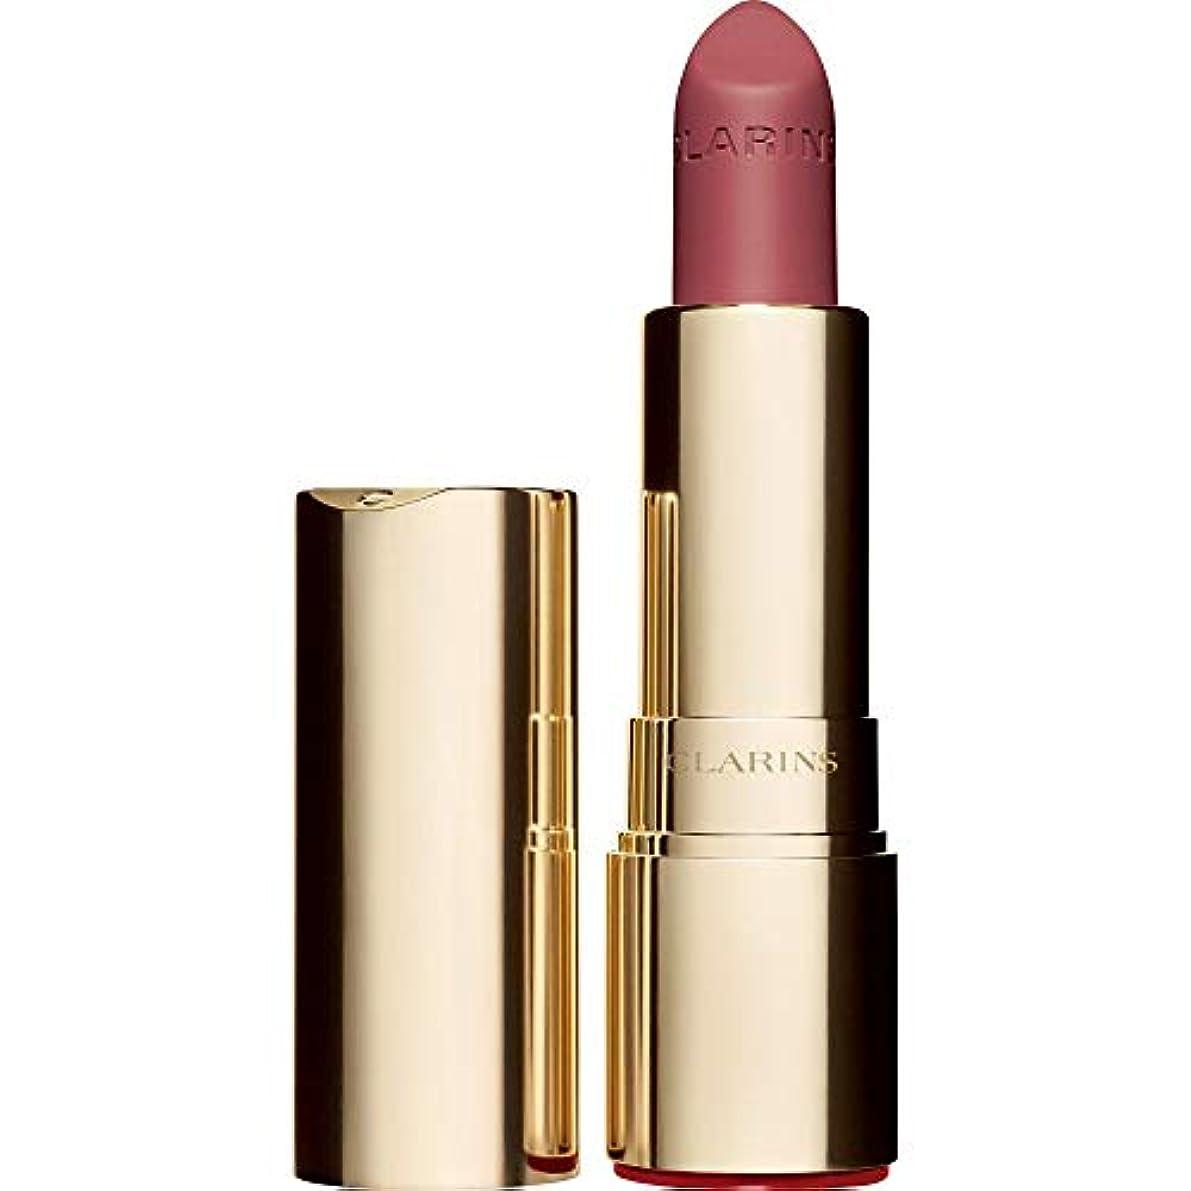 分析水曜日私たち[Clarins ] クラランスジョリルージュのベルベットの口紅3.5グラムの752V - ローズウッド - Clarins Joli Rouge Velvet Lipstick 3.5g 752V - Rosewood...